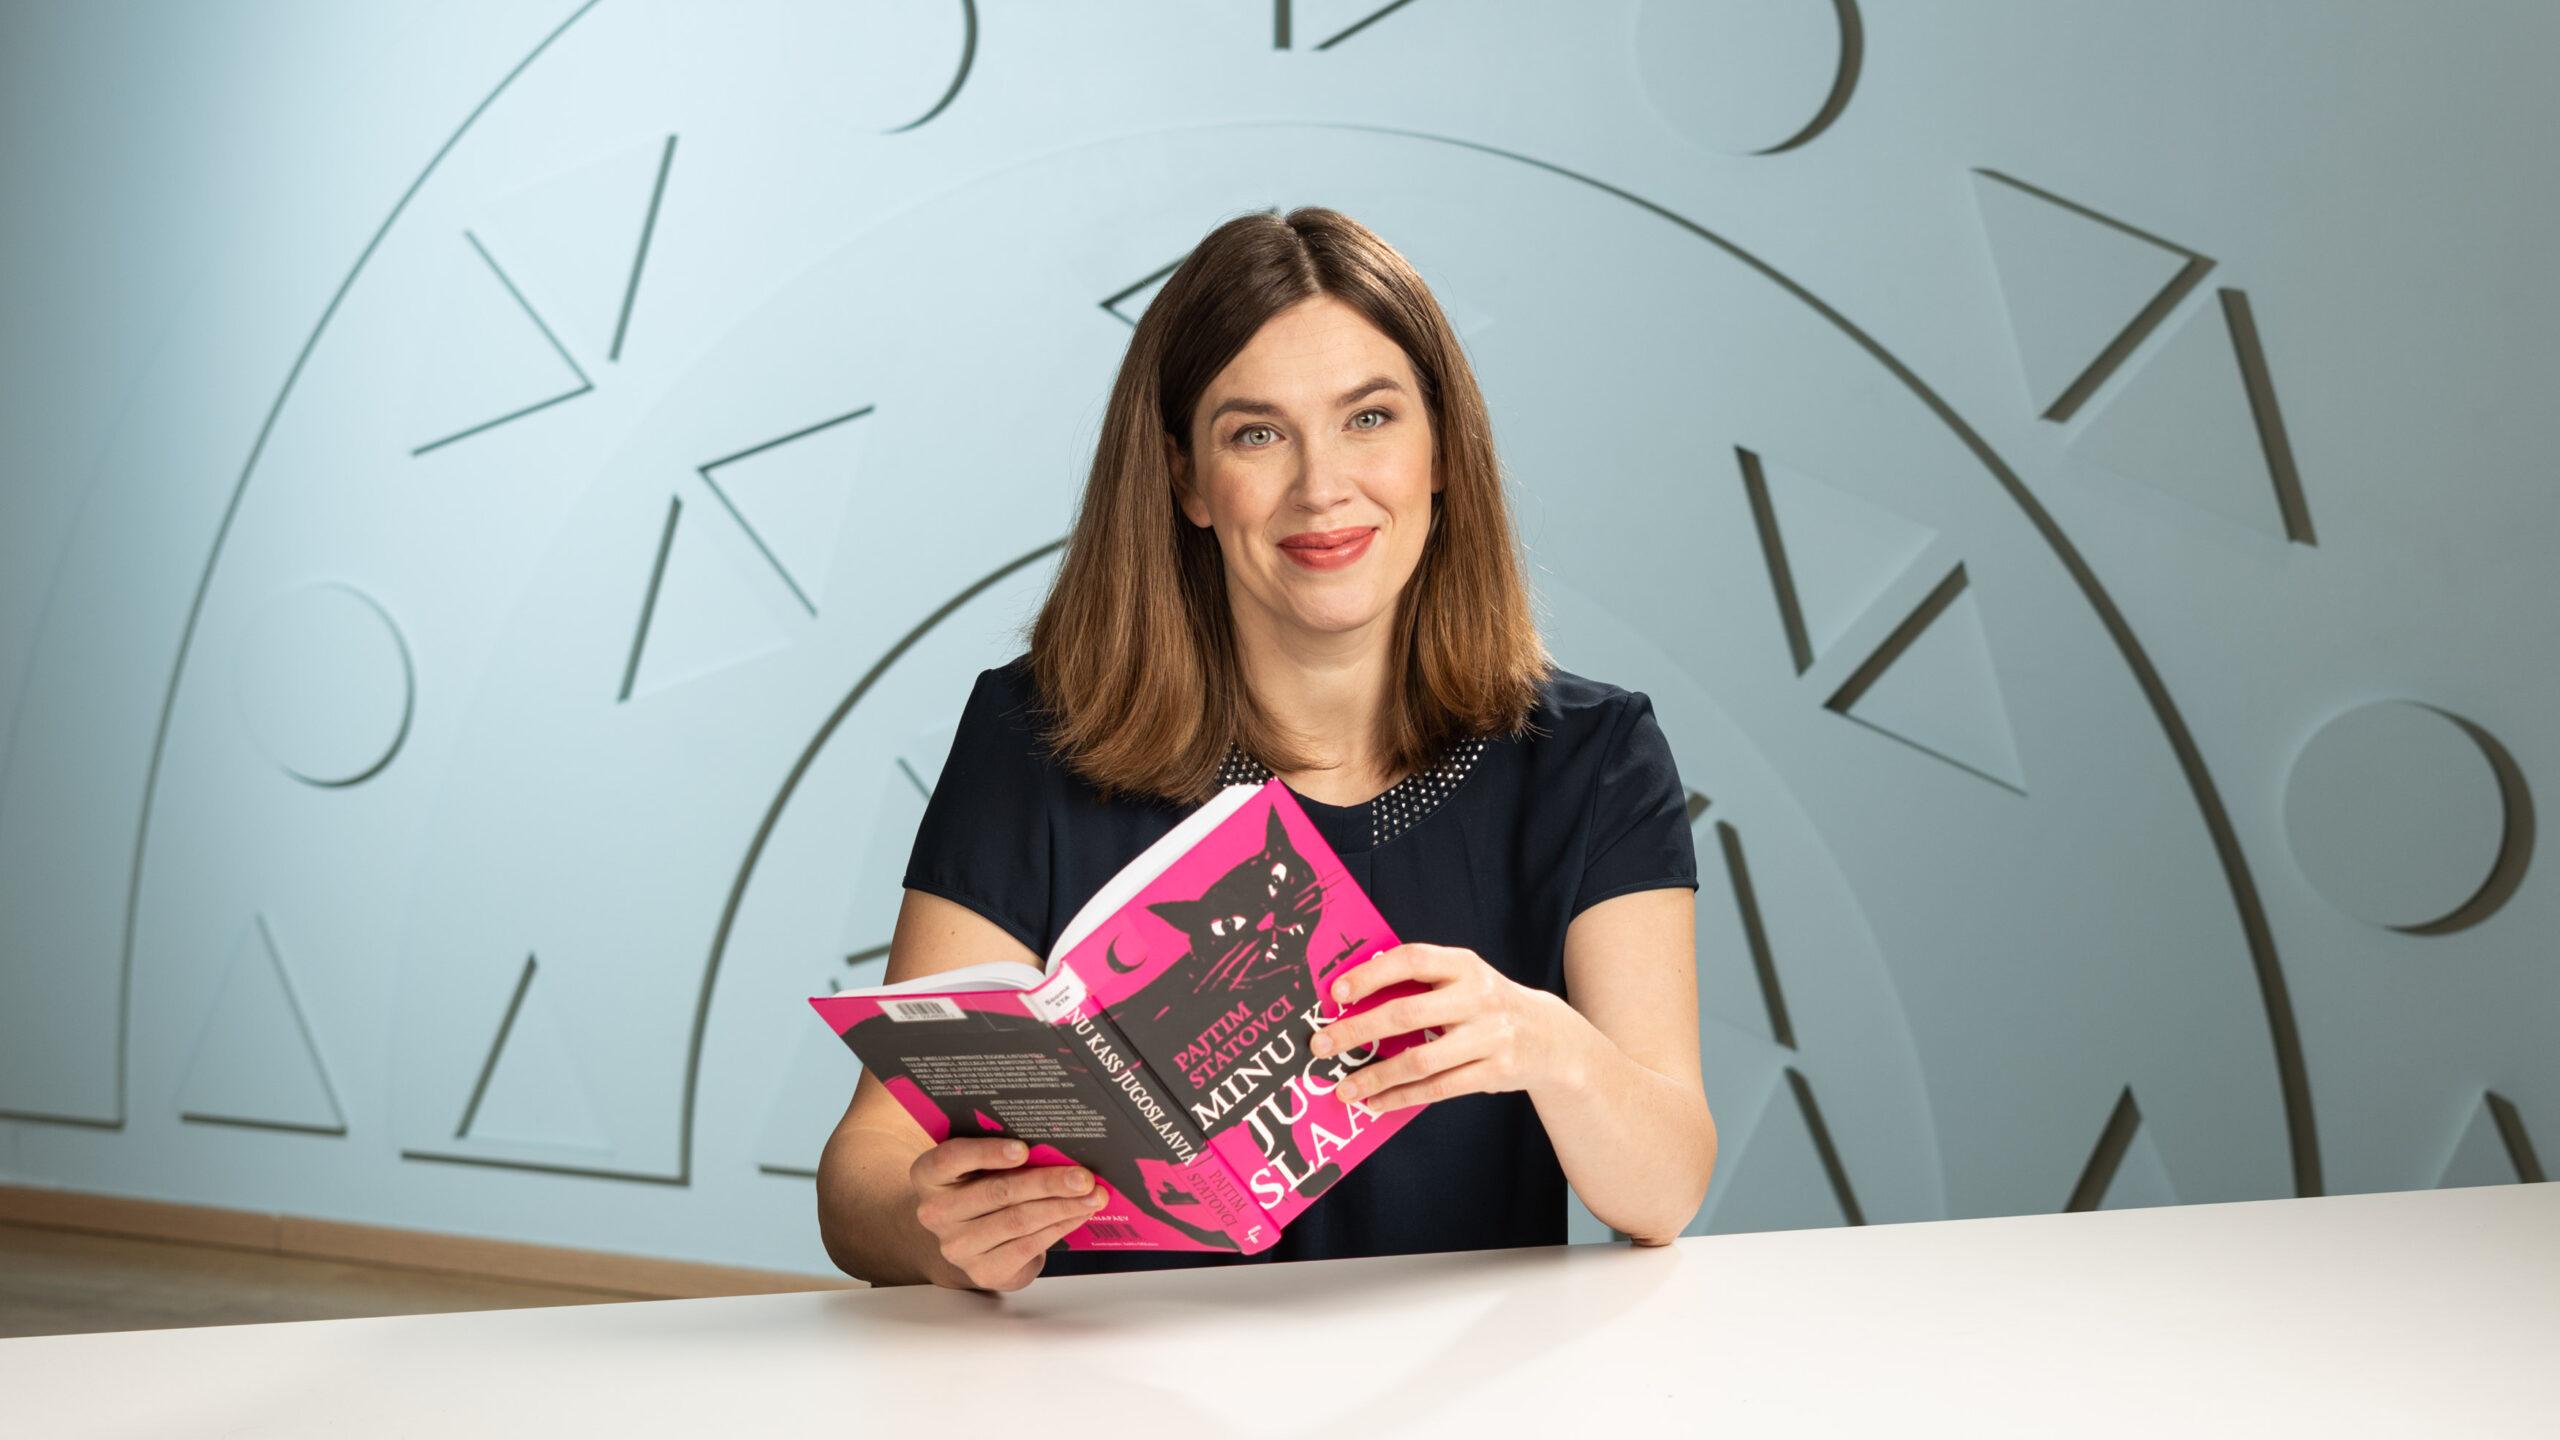 Naine istub ja poseerib raamatuga